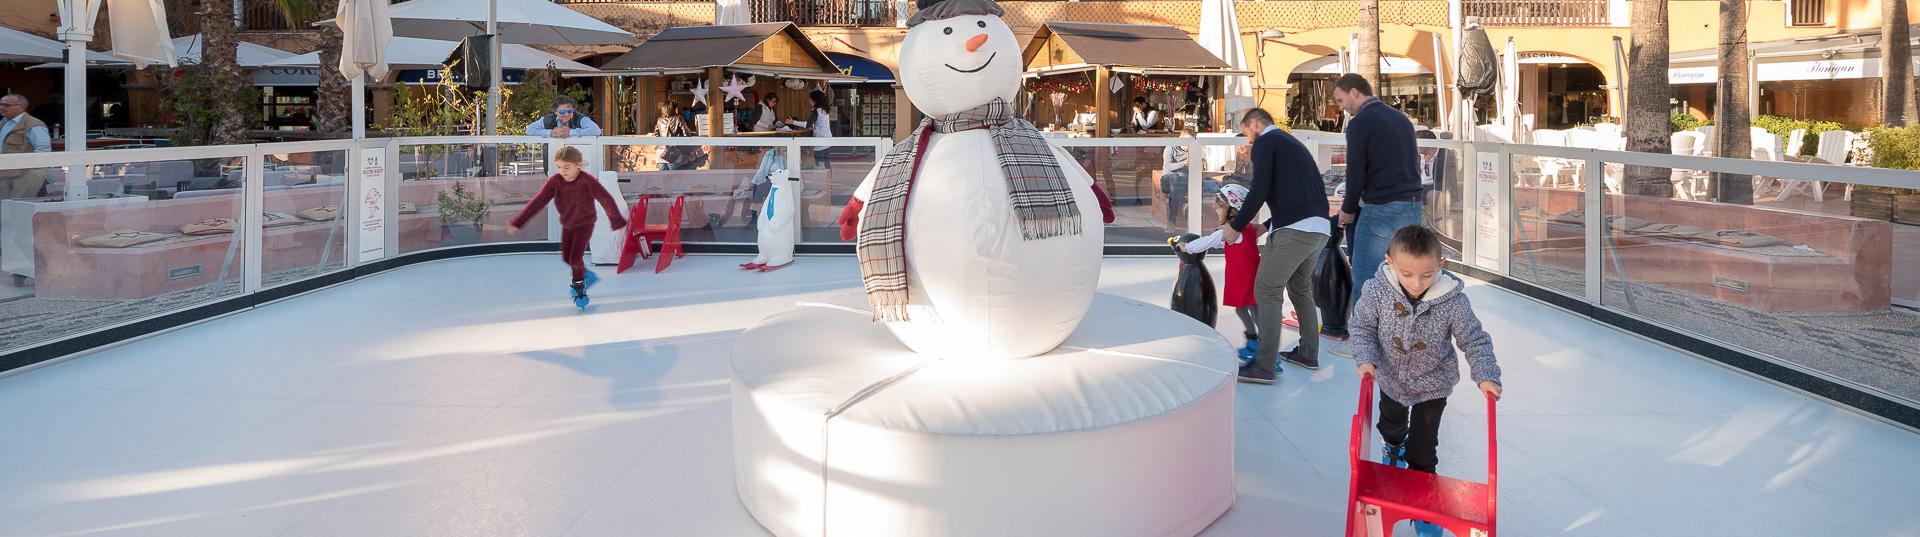 Lodowisko świąteczne| Wynajem lodowiska